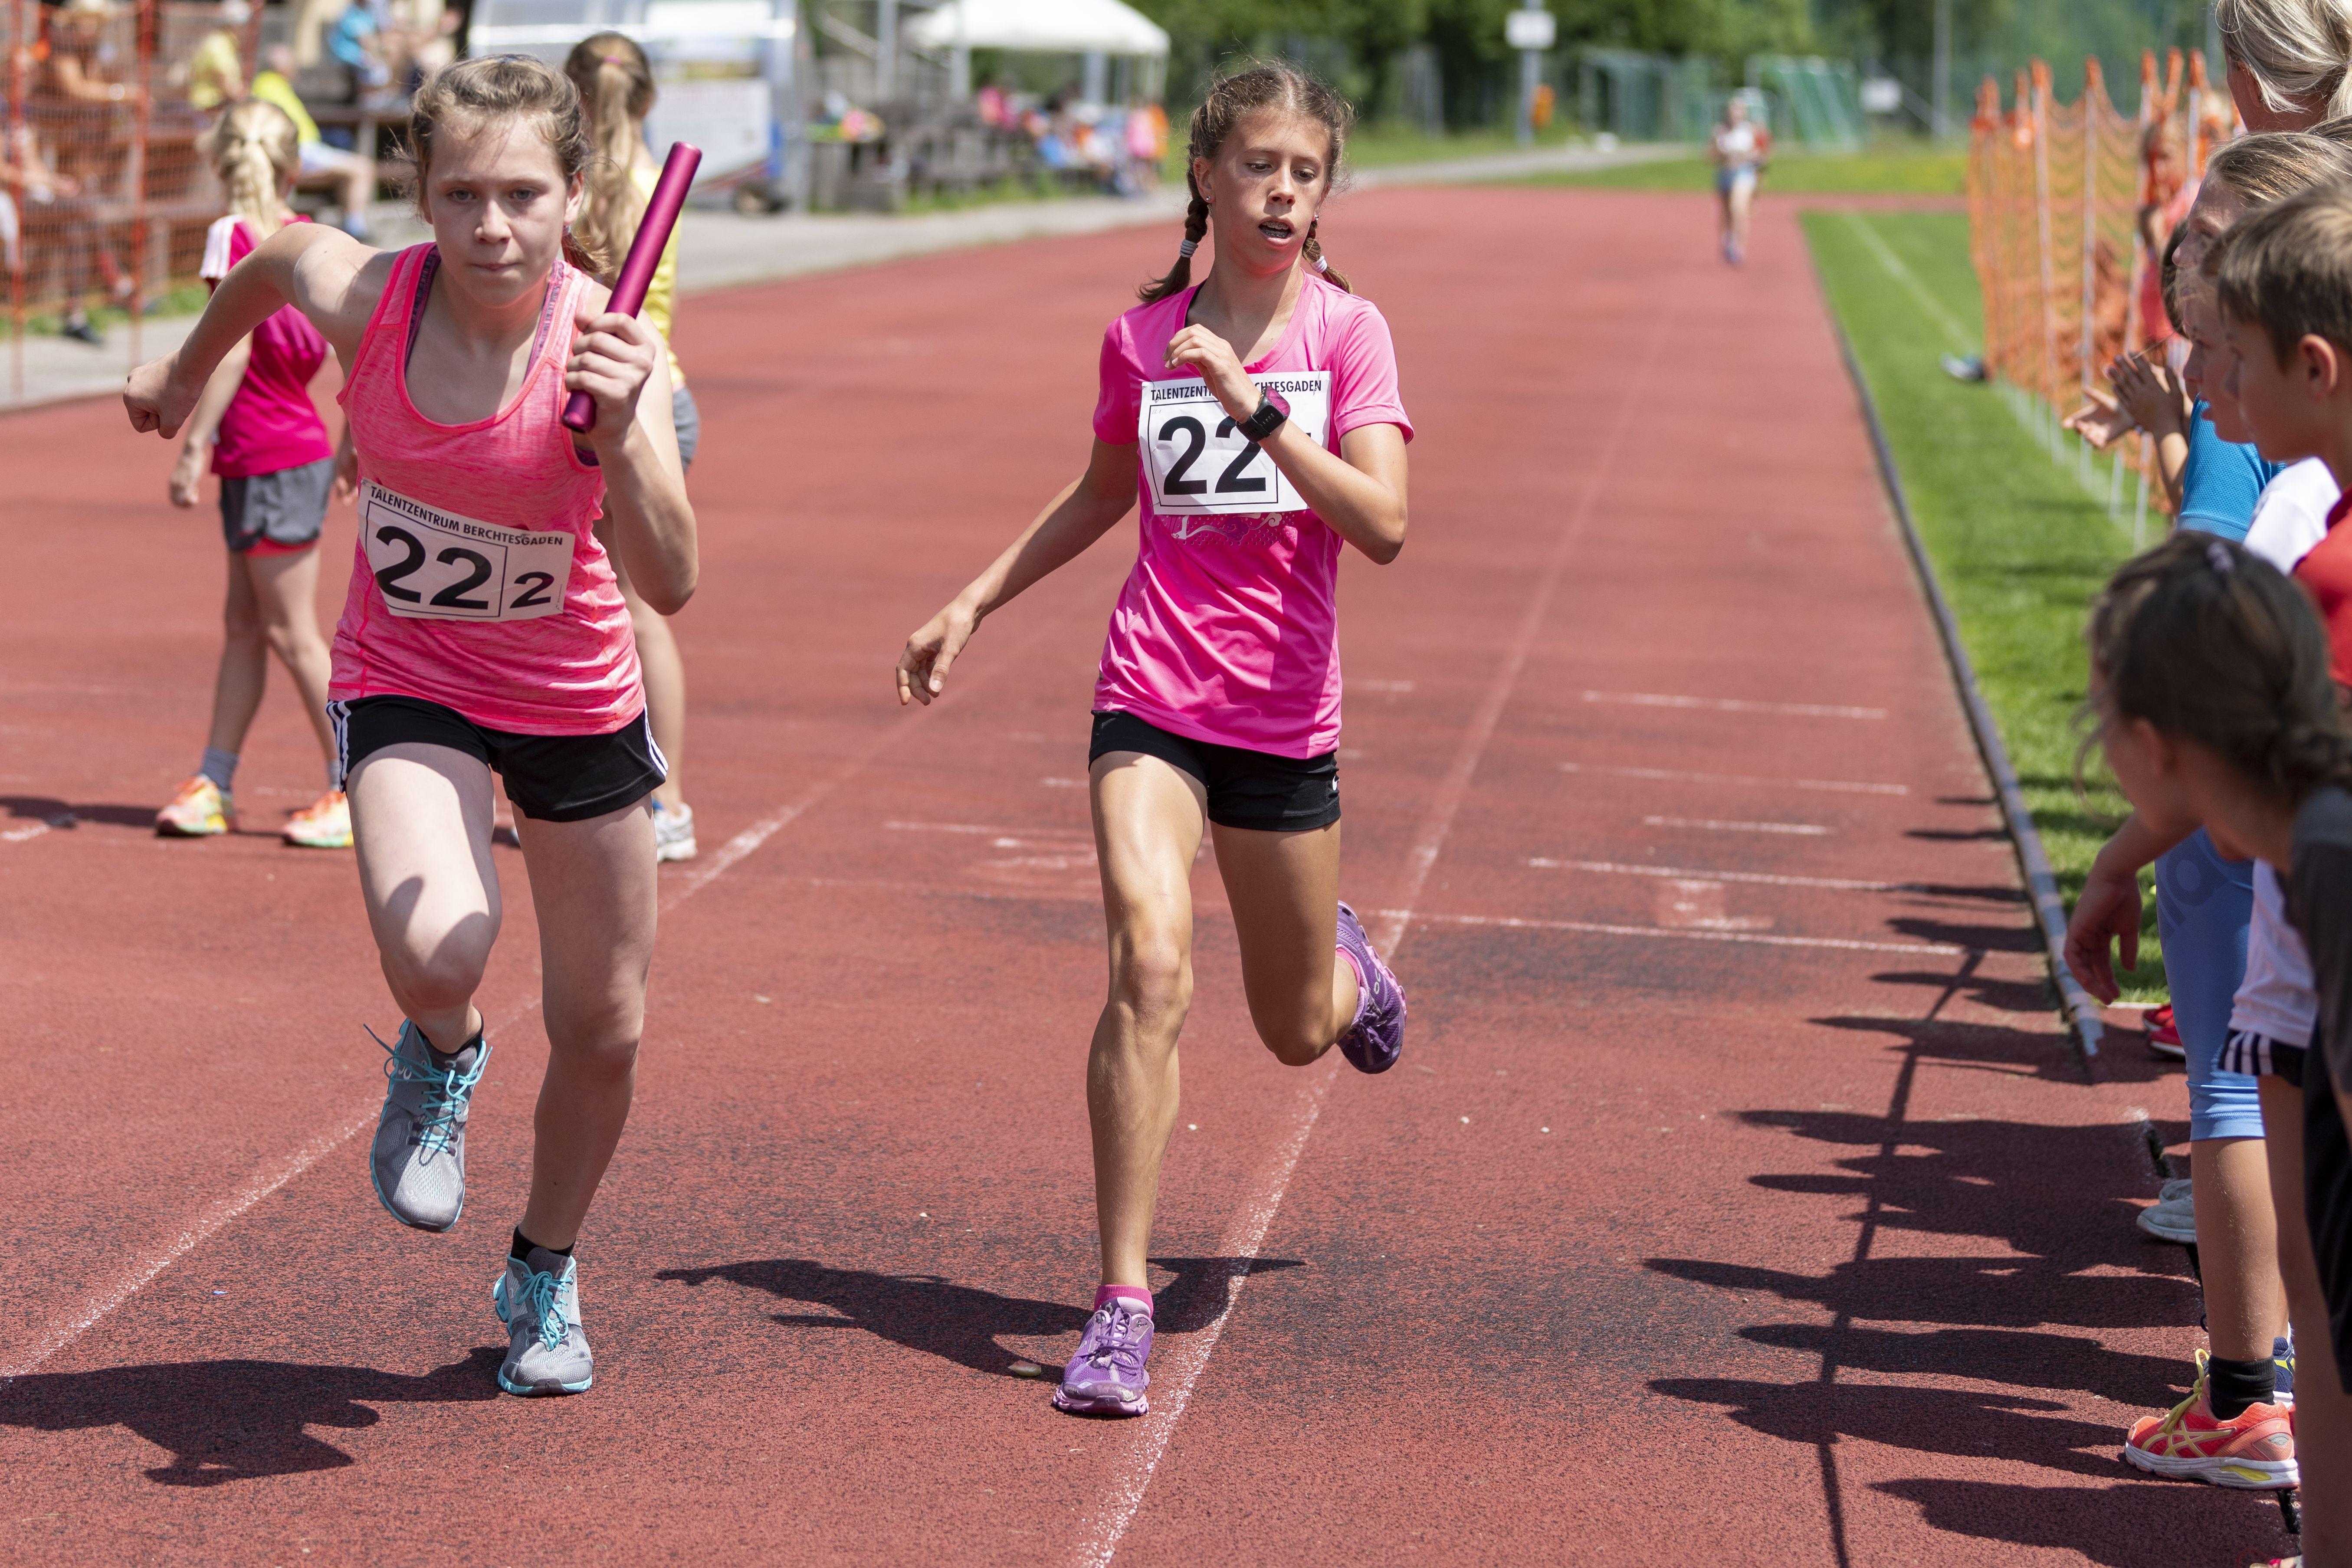 01.07.2018, Berchtesgaden, Breitwiese, Kinderolympiade,